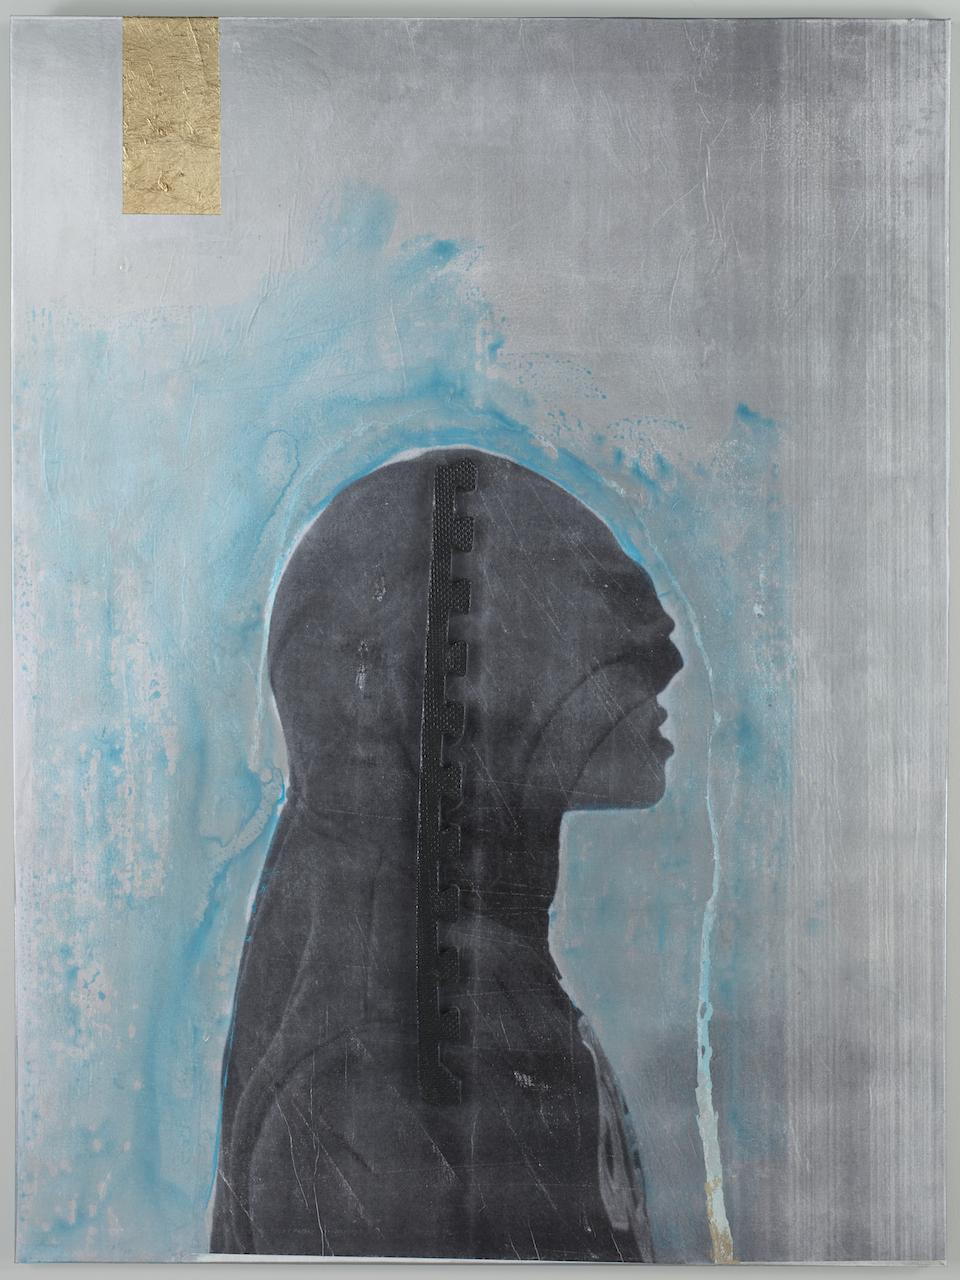 """Rodríguez Calero, """"UrbanHood I"""" (2014), fotacrolé mixed media on canvas"""